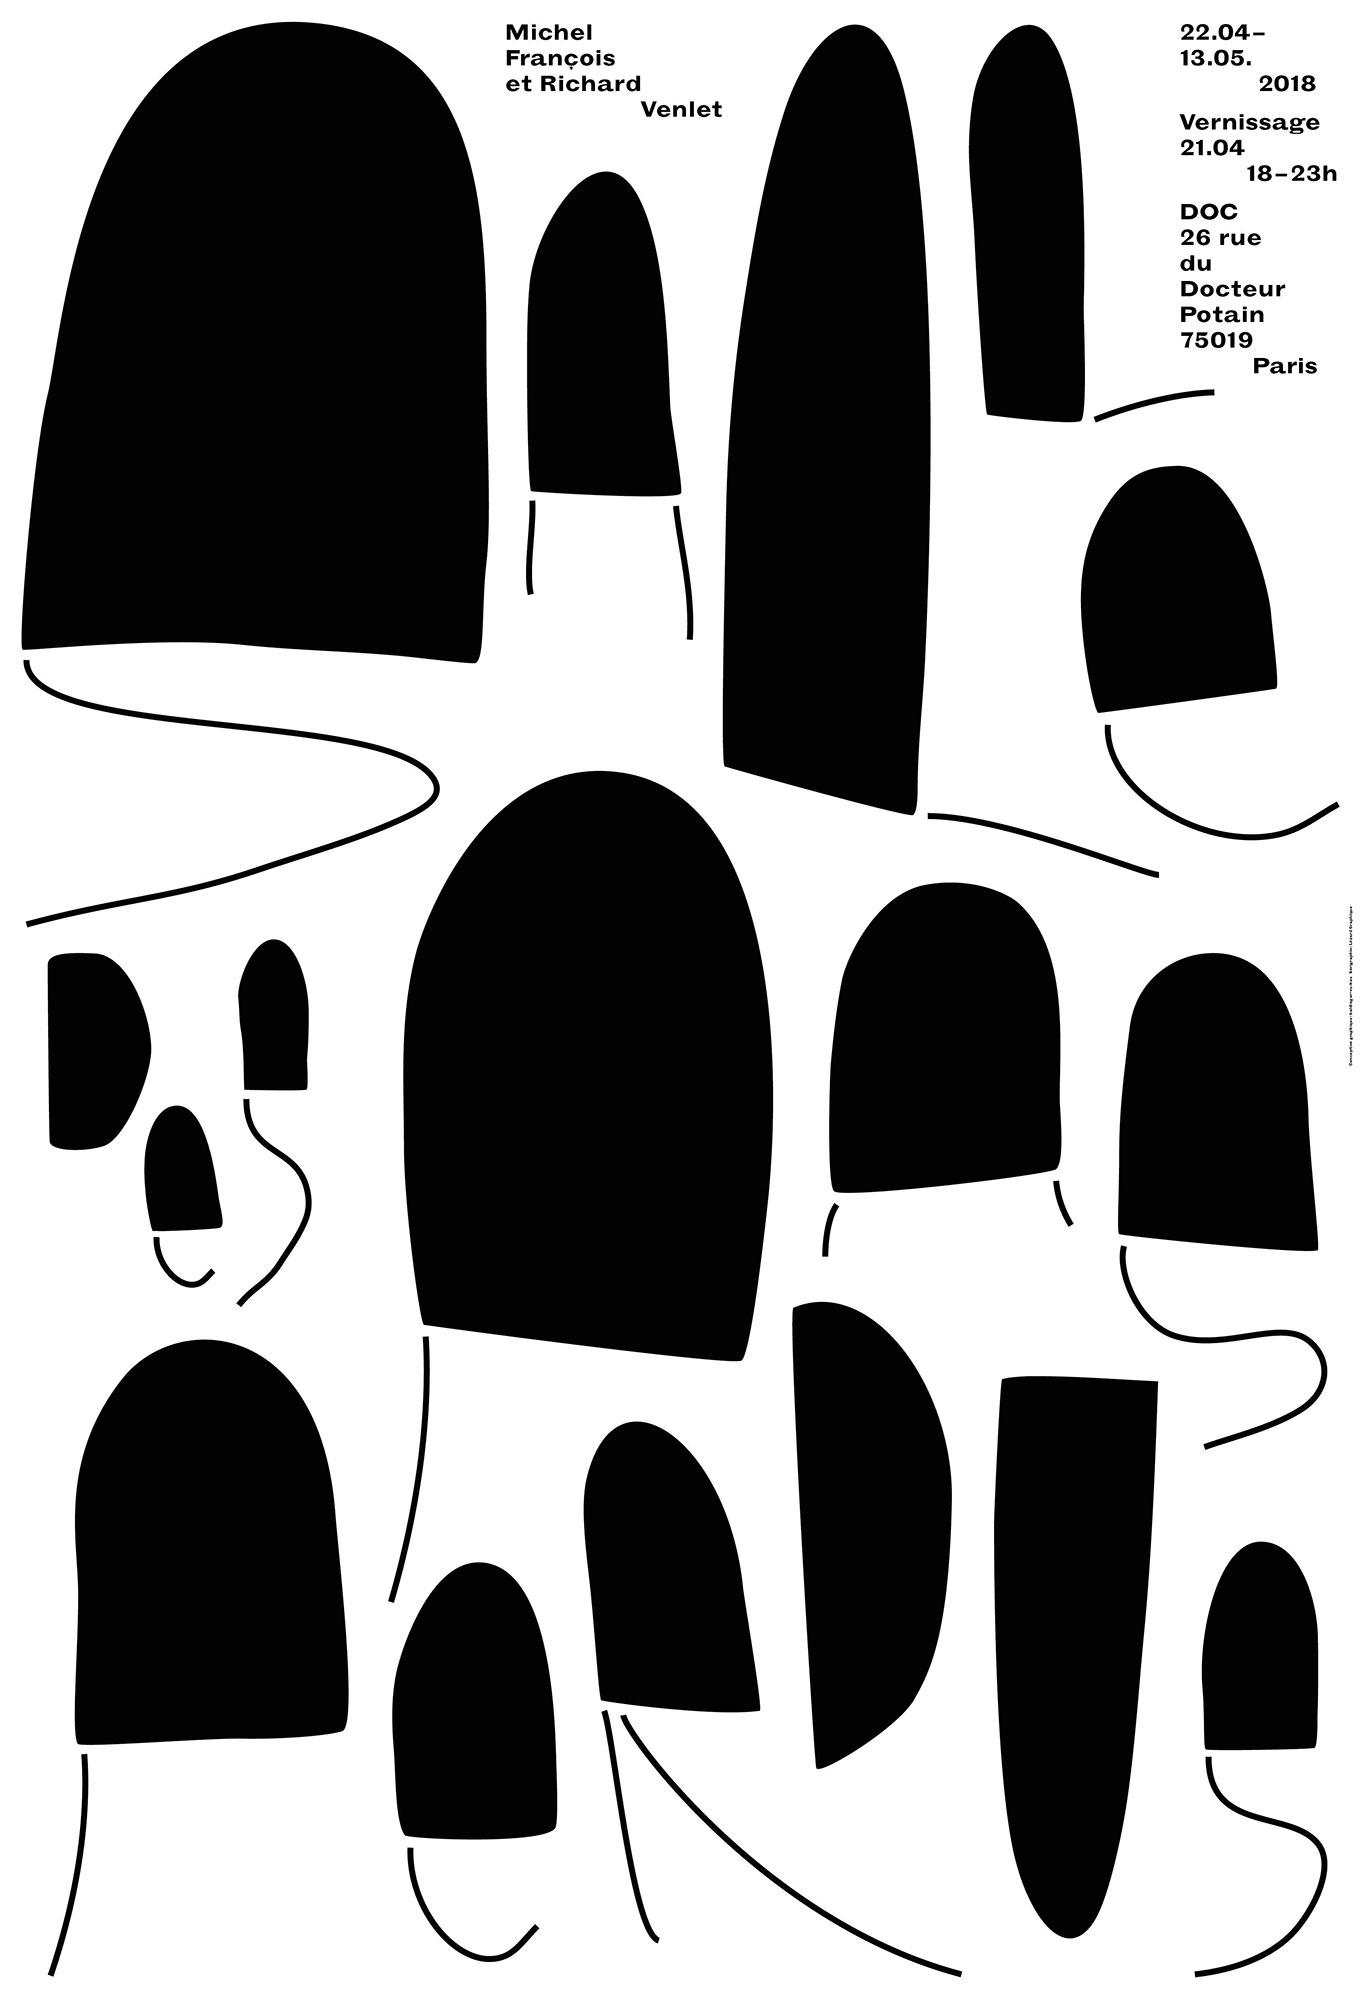 DOC-Poster-Expo-18-Salle-à-pas-perdus-FAB